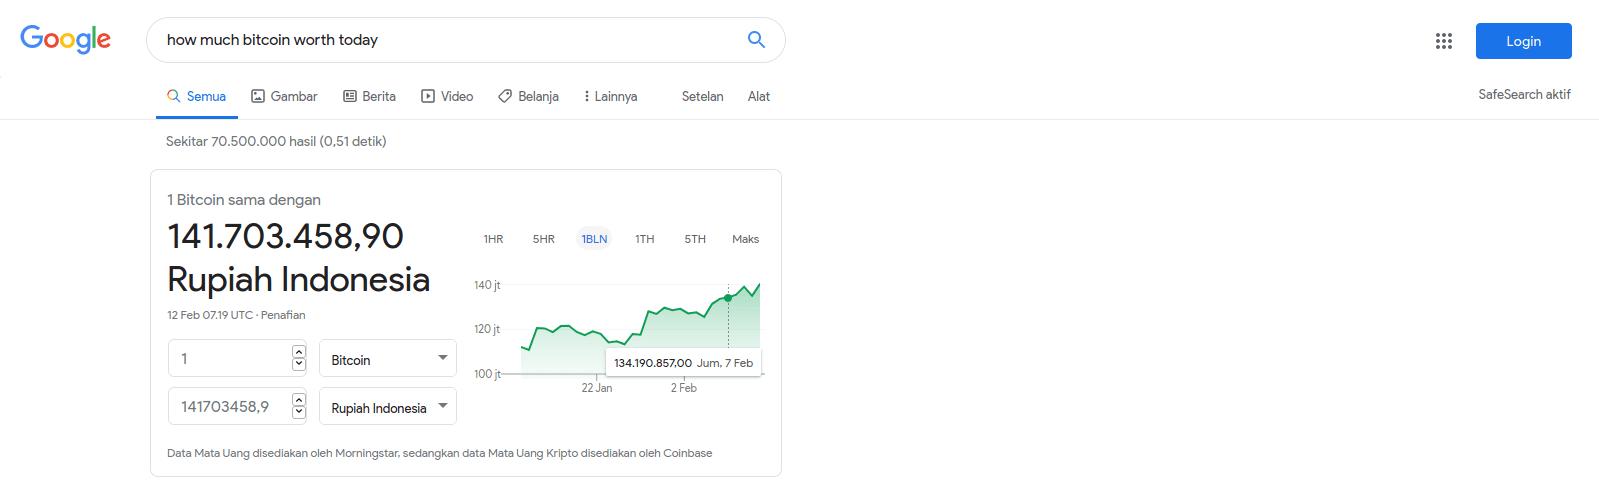 Harga bitcoin telah jauh melampaui harga awal cryptocurrency tersebut.